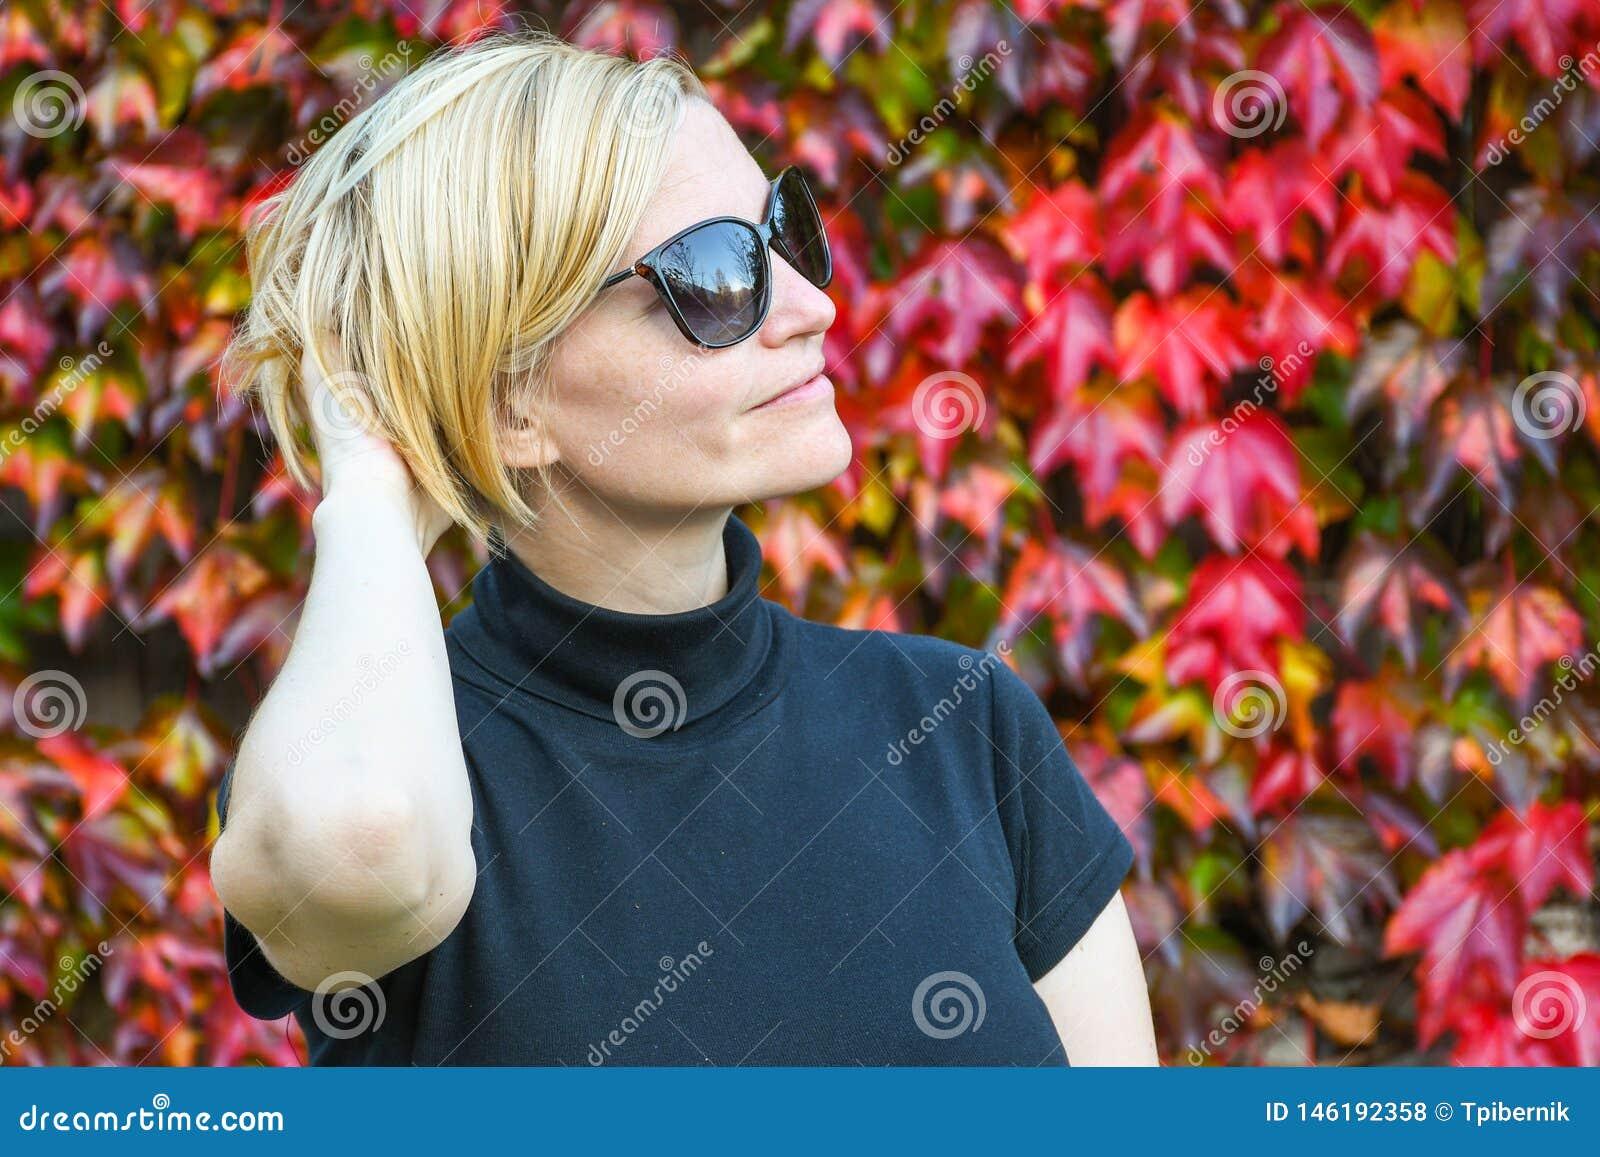 Glückliche entspannte Frau mit schwarzer Sonnenbrille und dem Hemd, die ihren Arm auf der Rückseite ihres Kopfes hält